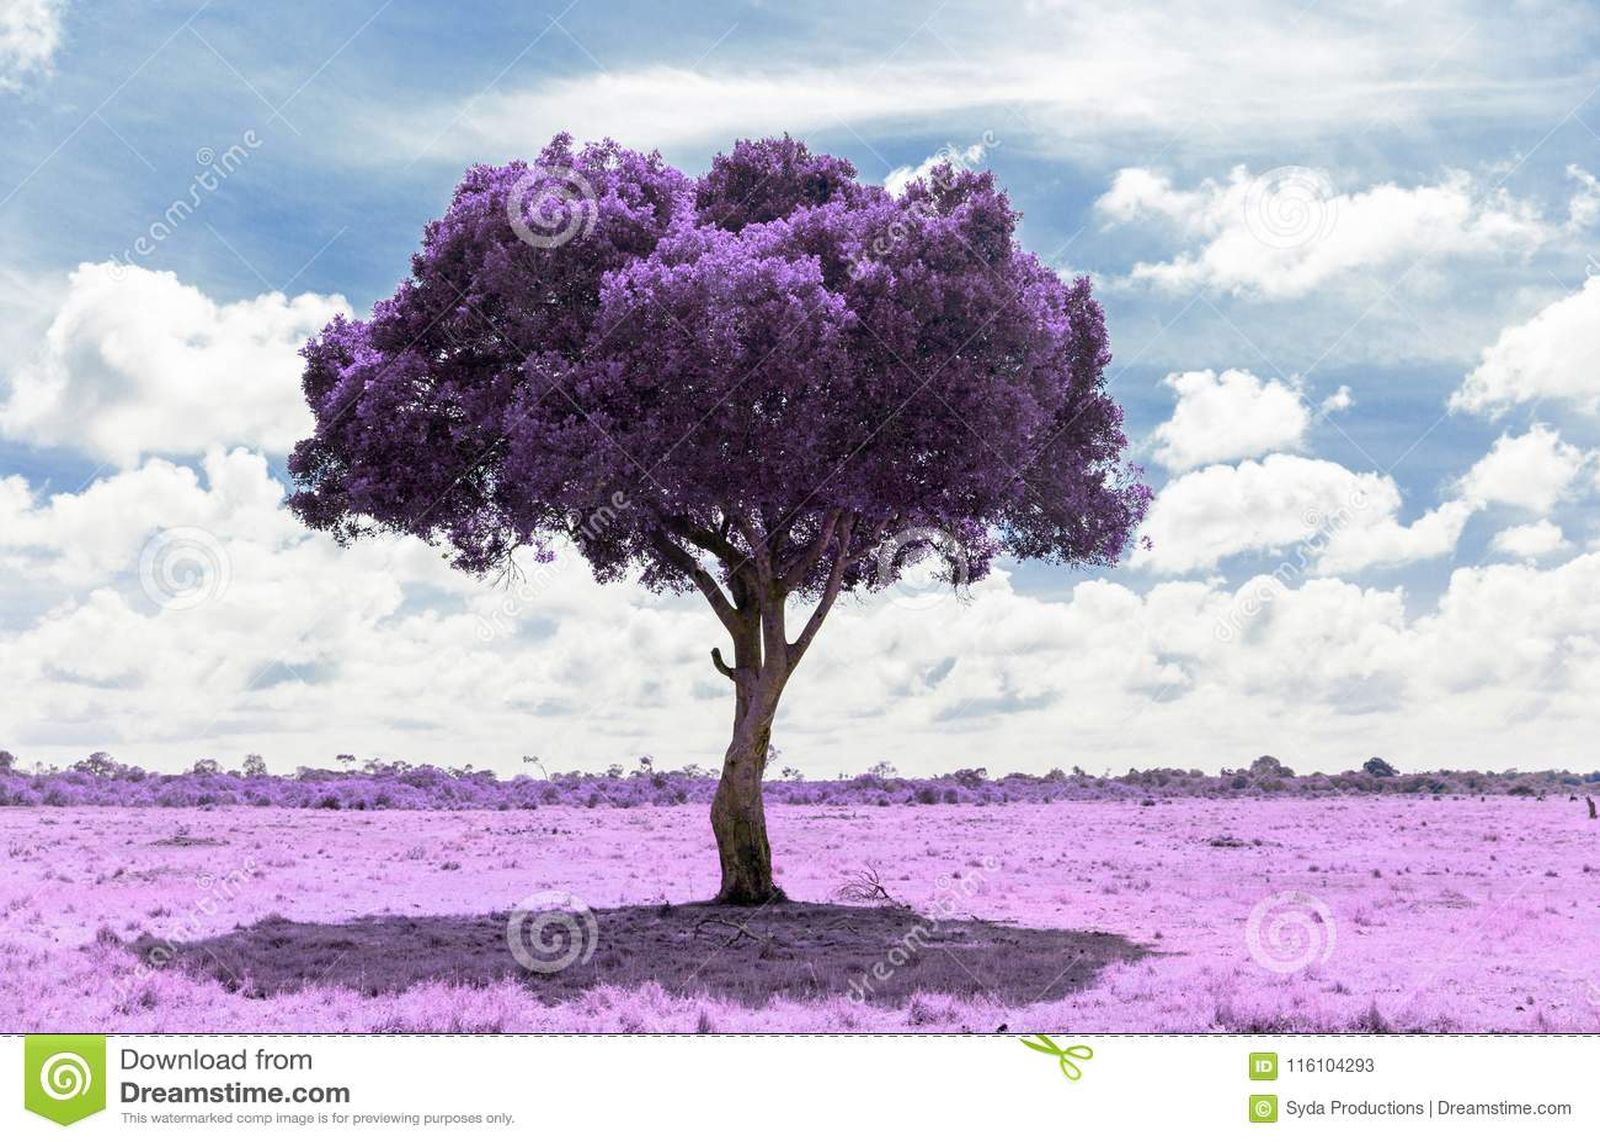 Purpere acaciaboom in savanne met infrarood effect